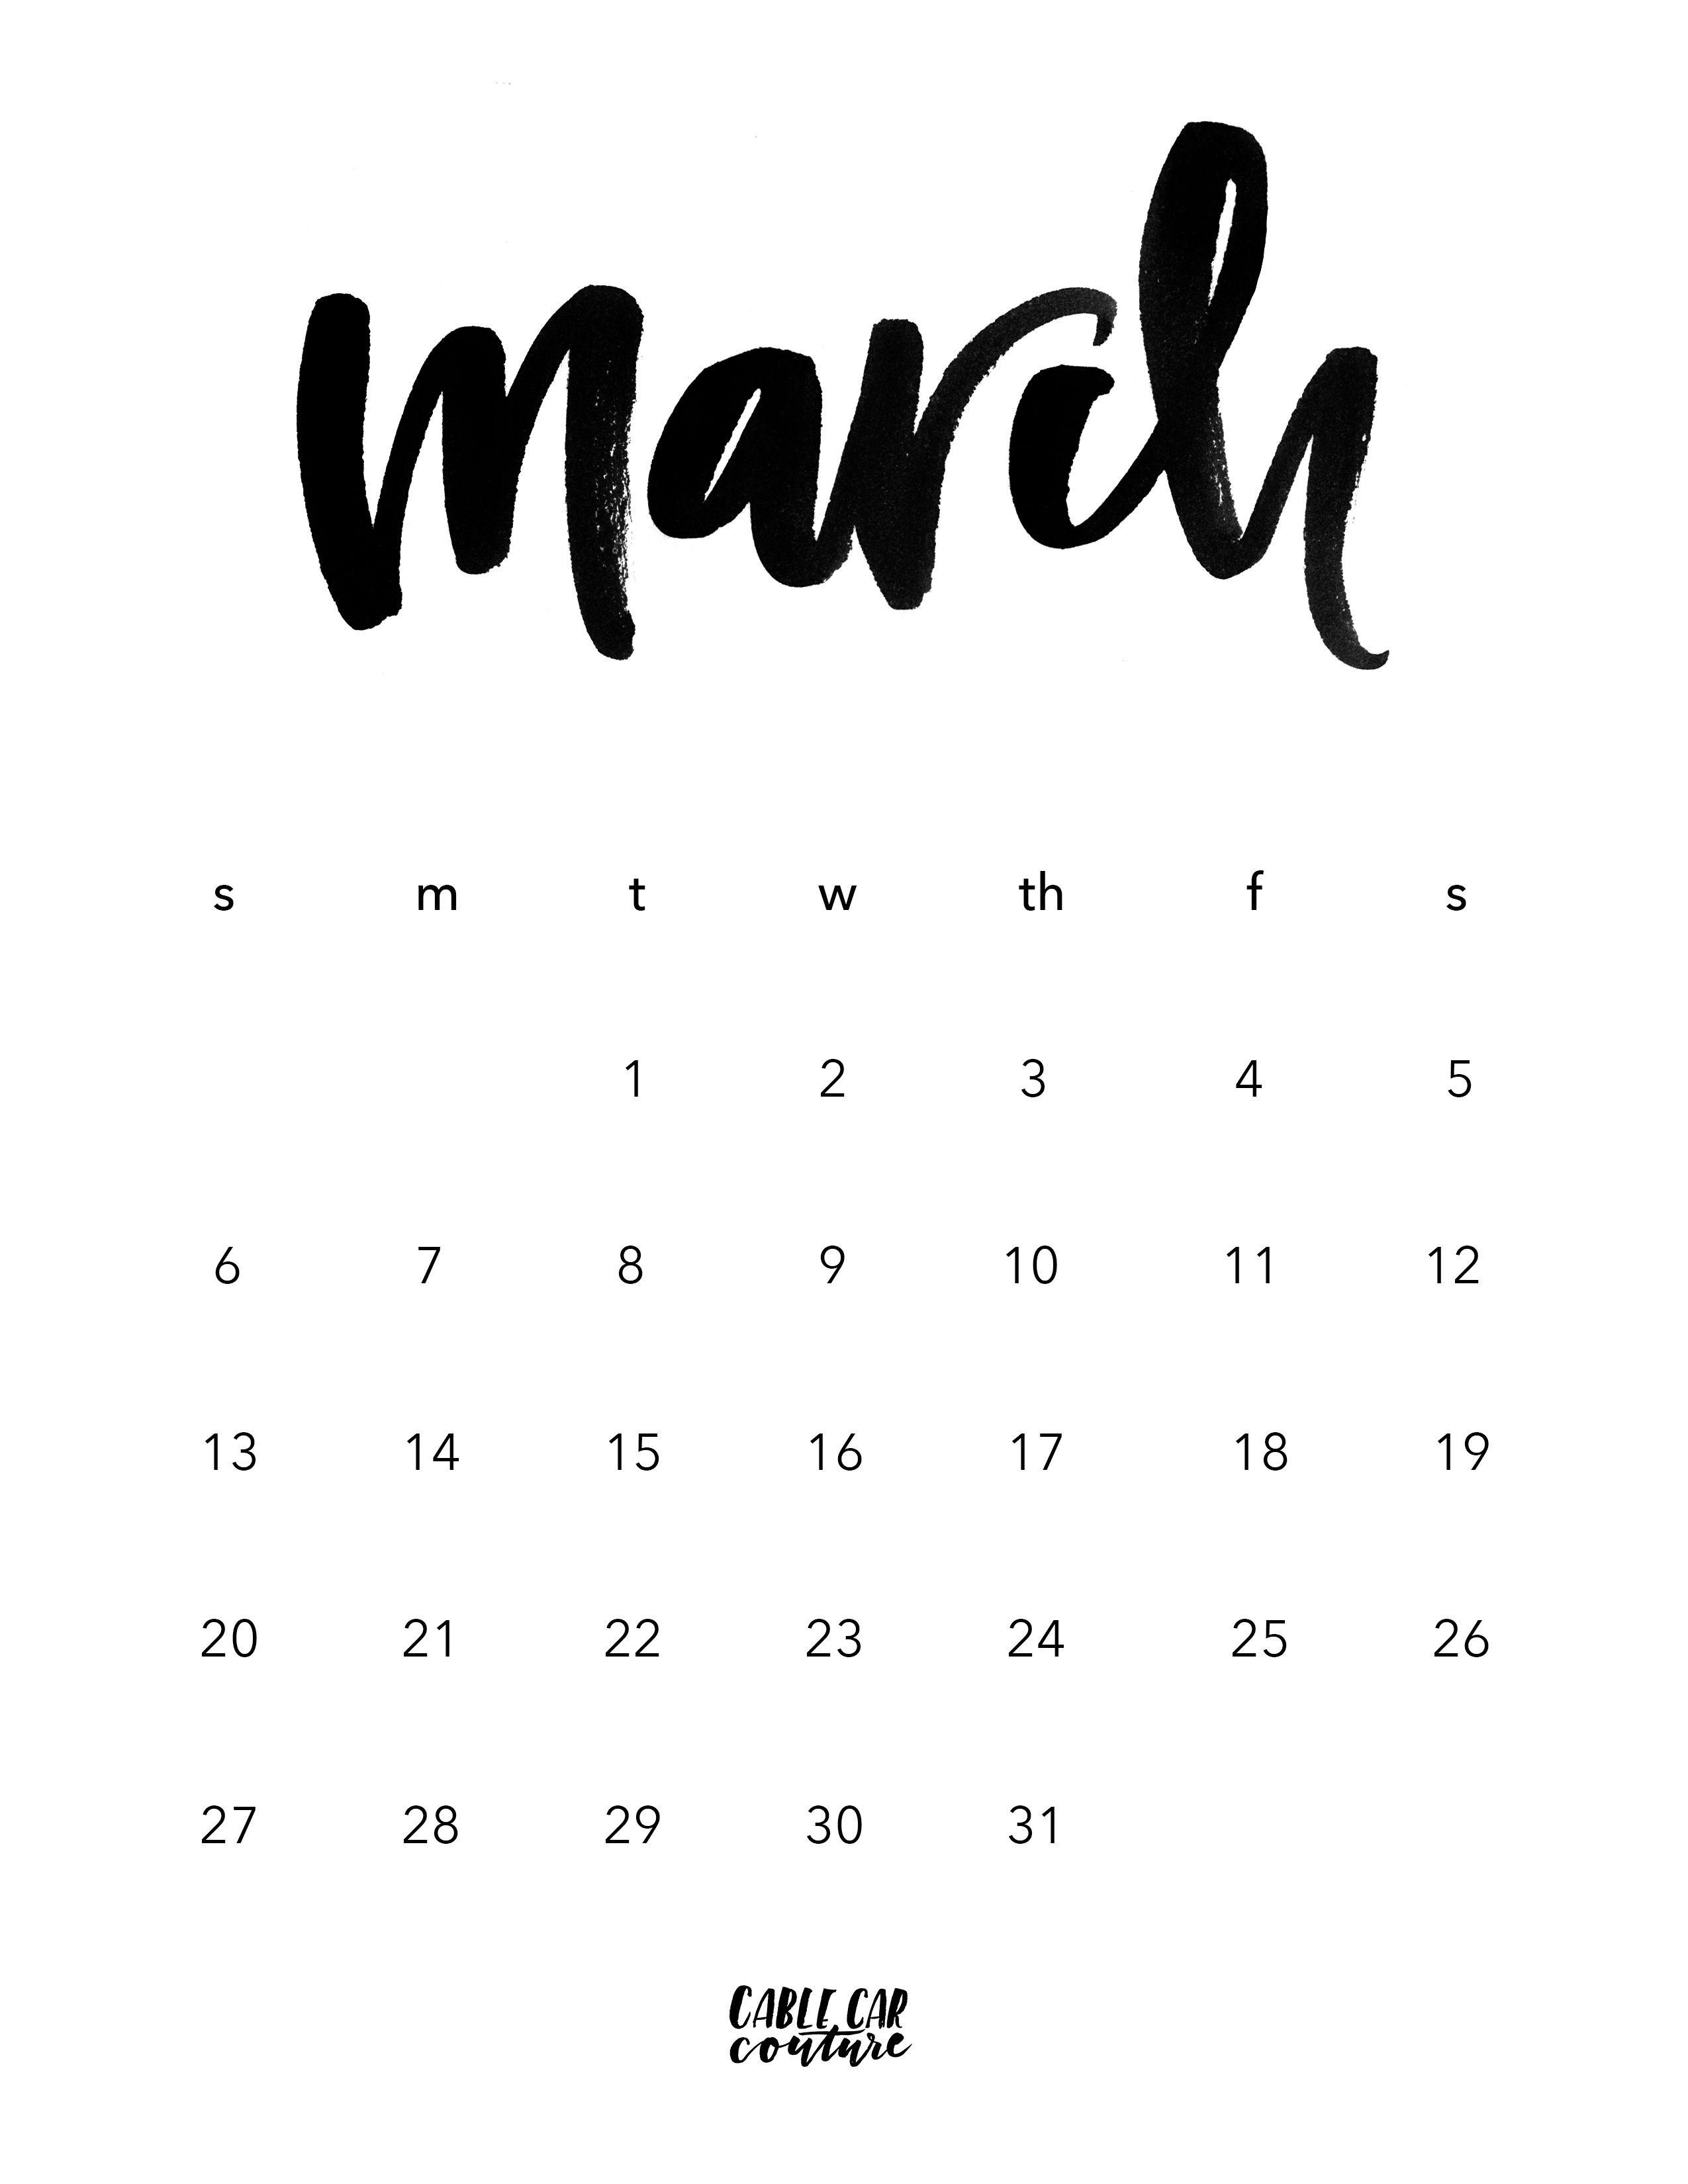 Calendario Dezembro 2017 Para Imprimir Excel Más Recientemente Liberado March Brush Calligraphy Calendar 2016 Jornal Of Calendario Dezembro 2017 Para Imprimir Excel Actual Relat³rio De Dados Enviados Do Coleta